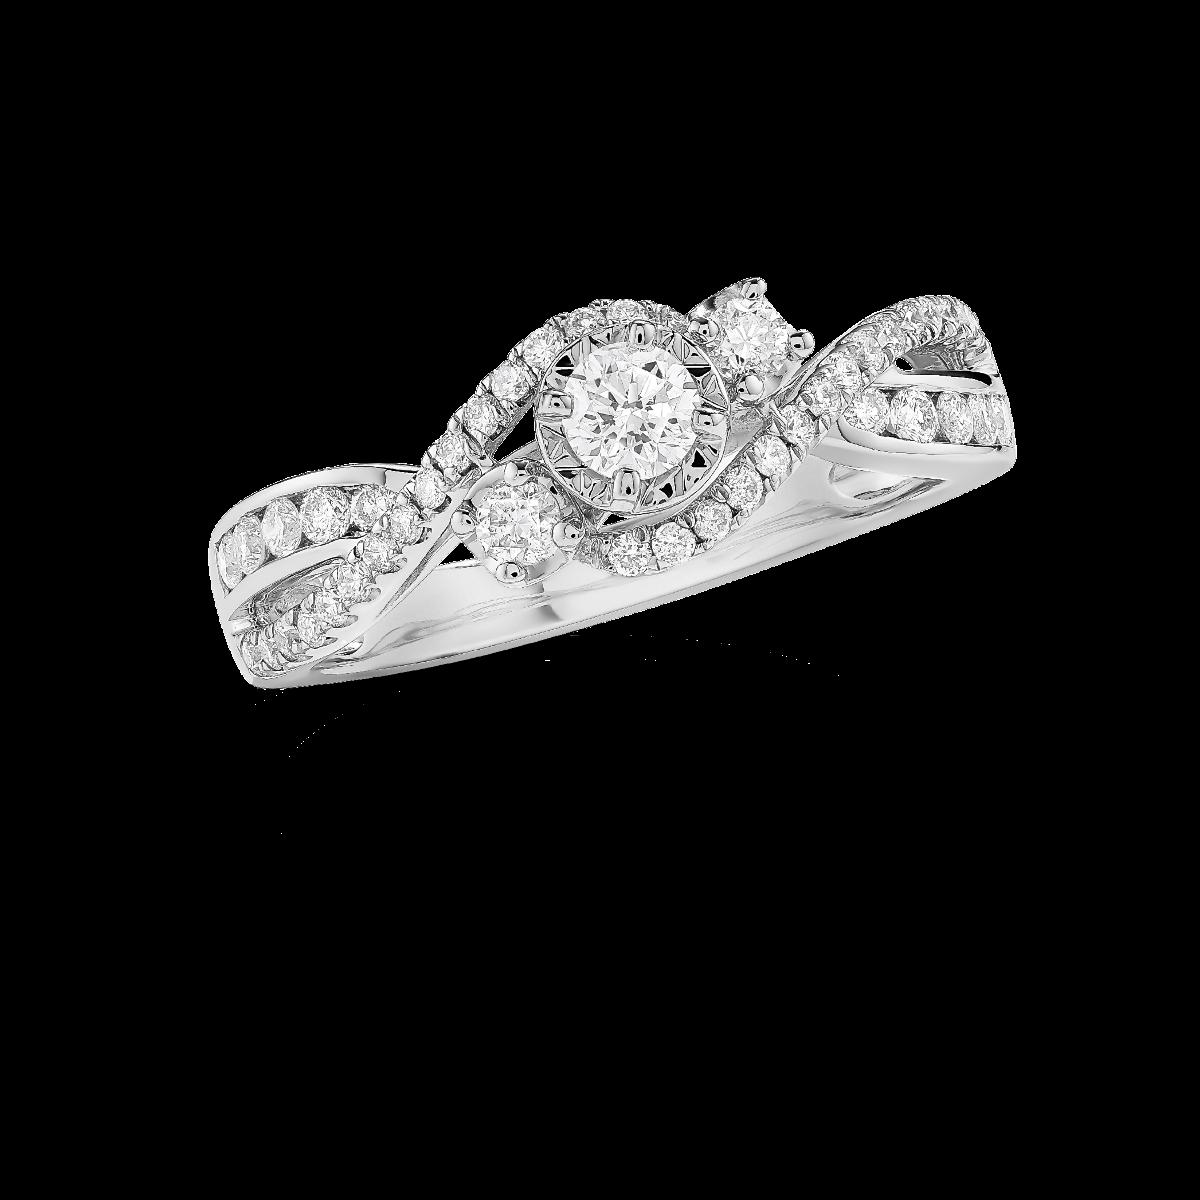 Gia Three Stone Diamond Engagement Ring In 14k White Gold